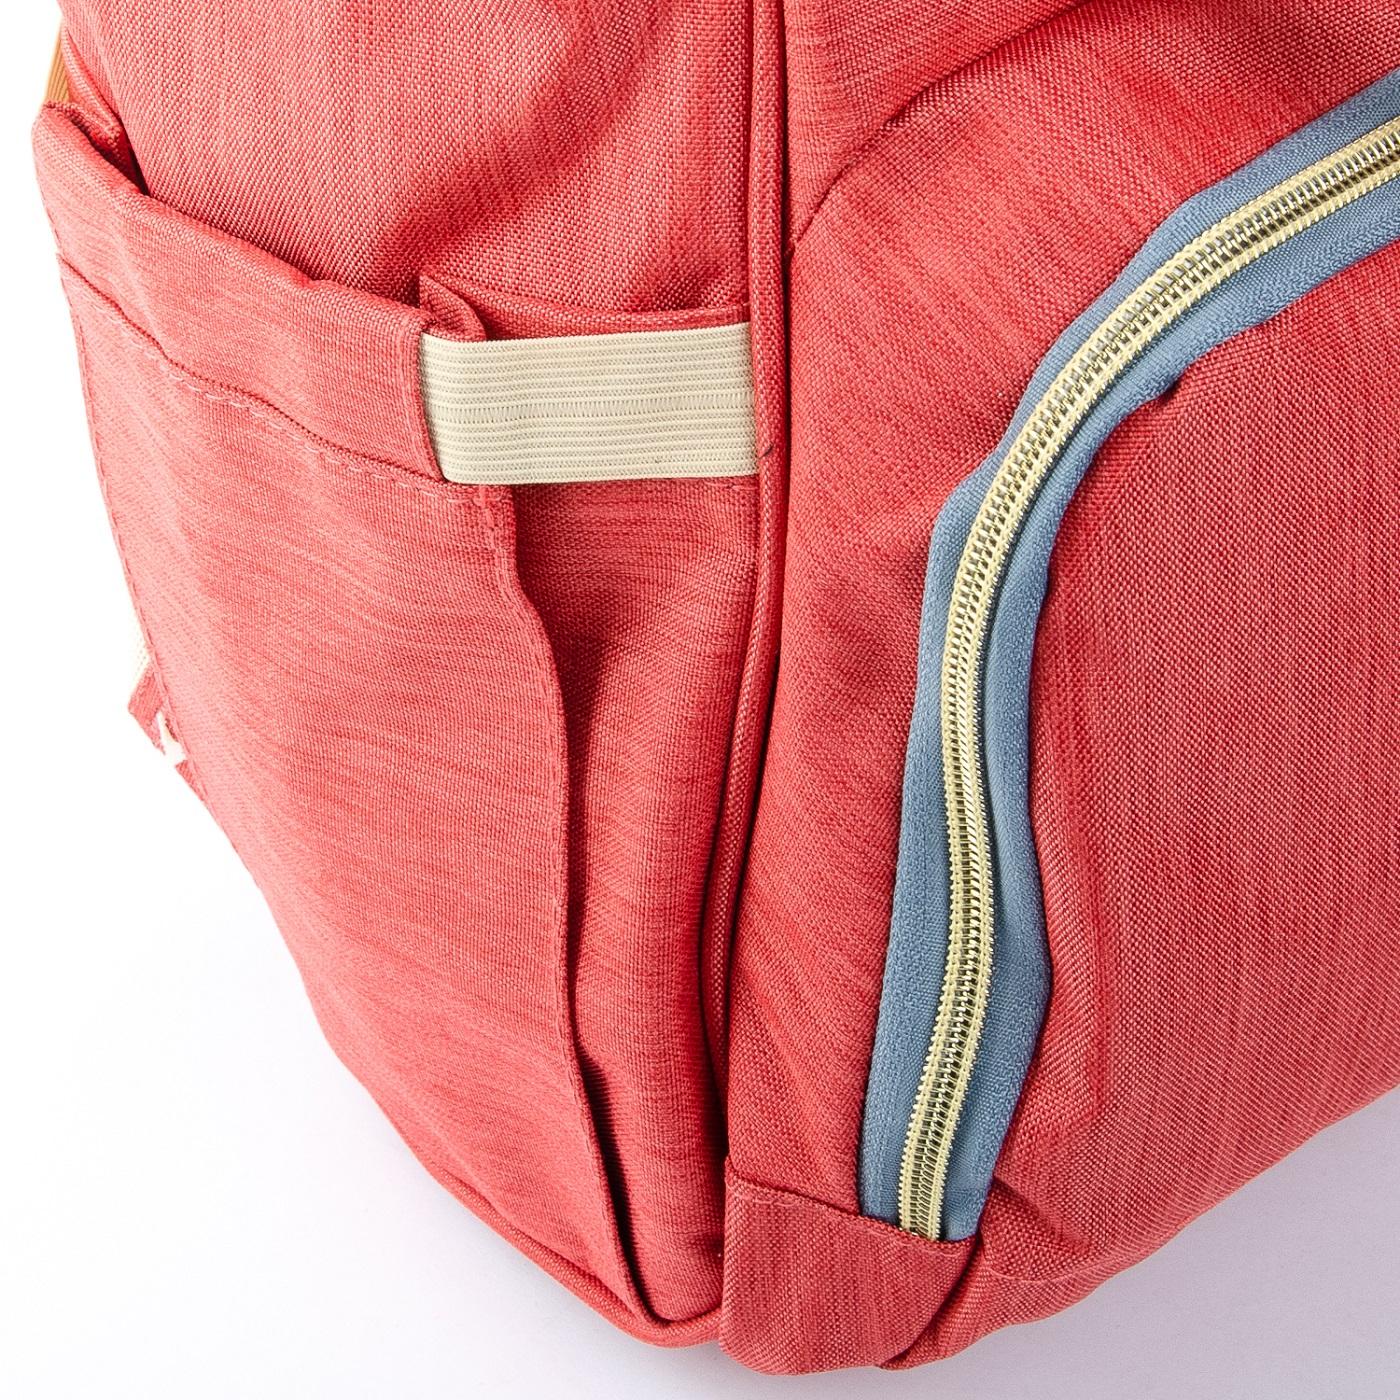 Сумка Женская Рюкзак нейлон Lanpad D900 orange - фото 5